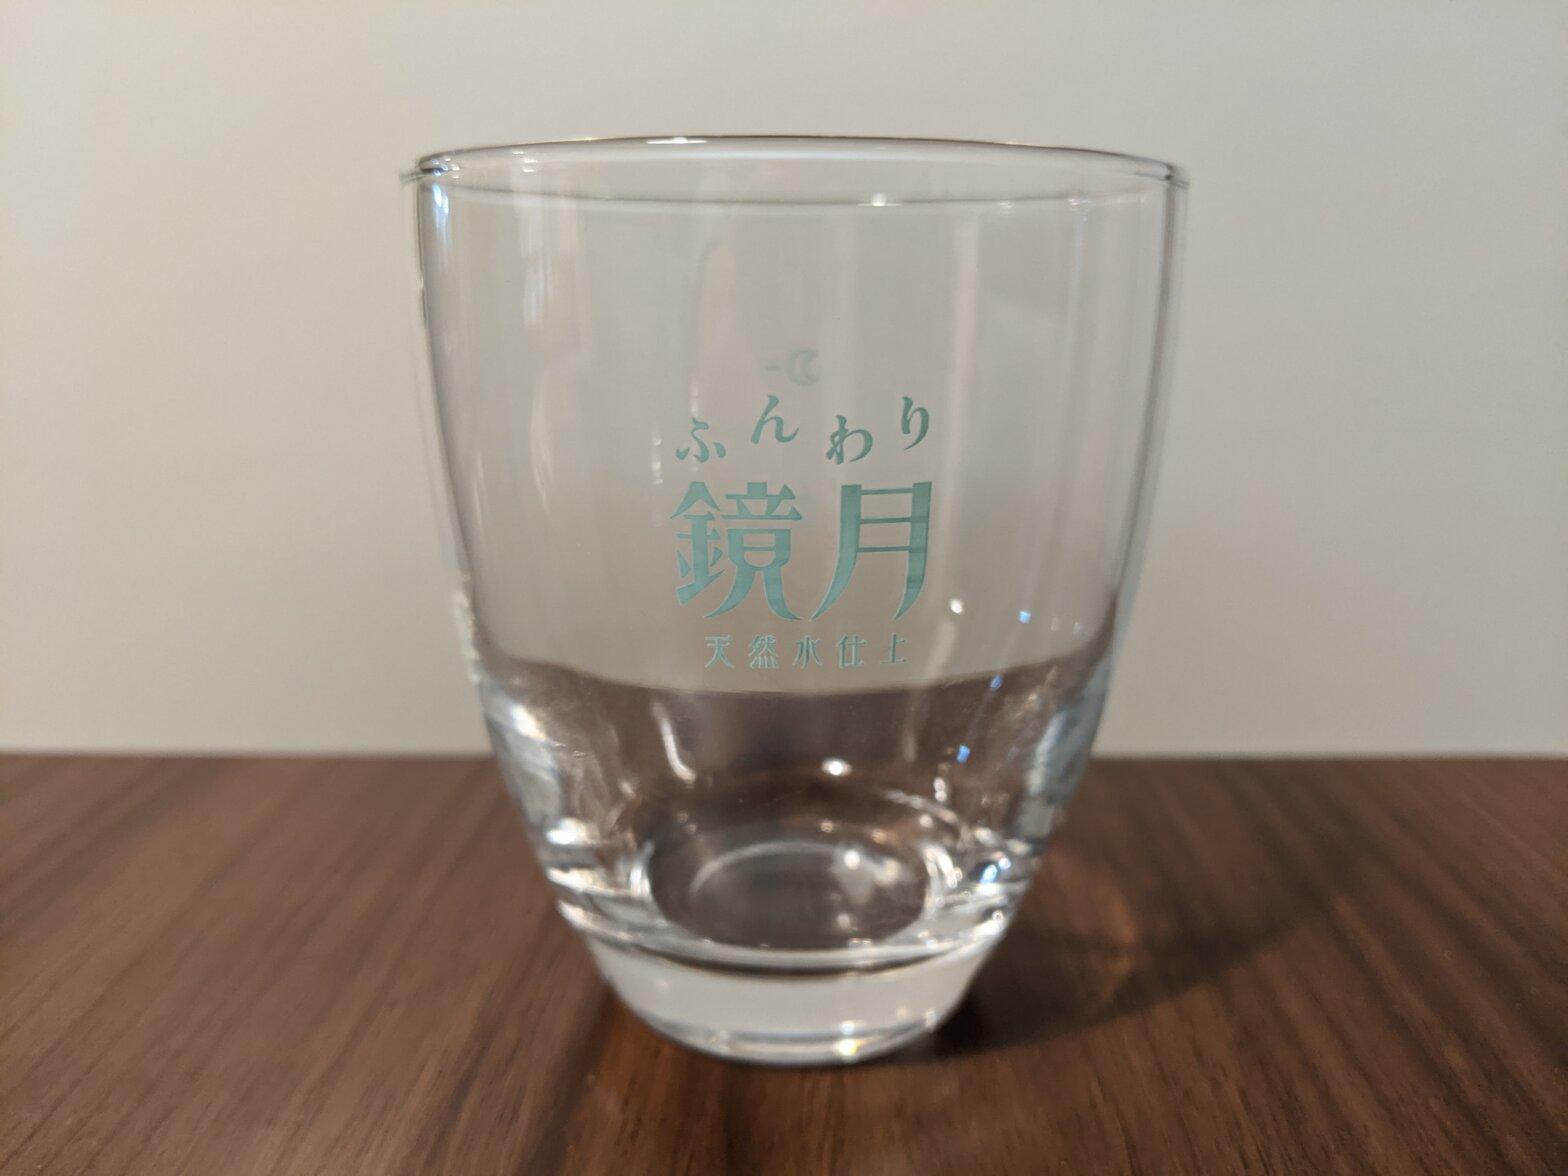 鏡月グラス